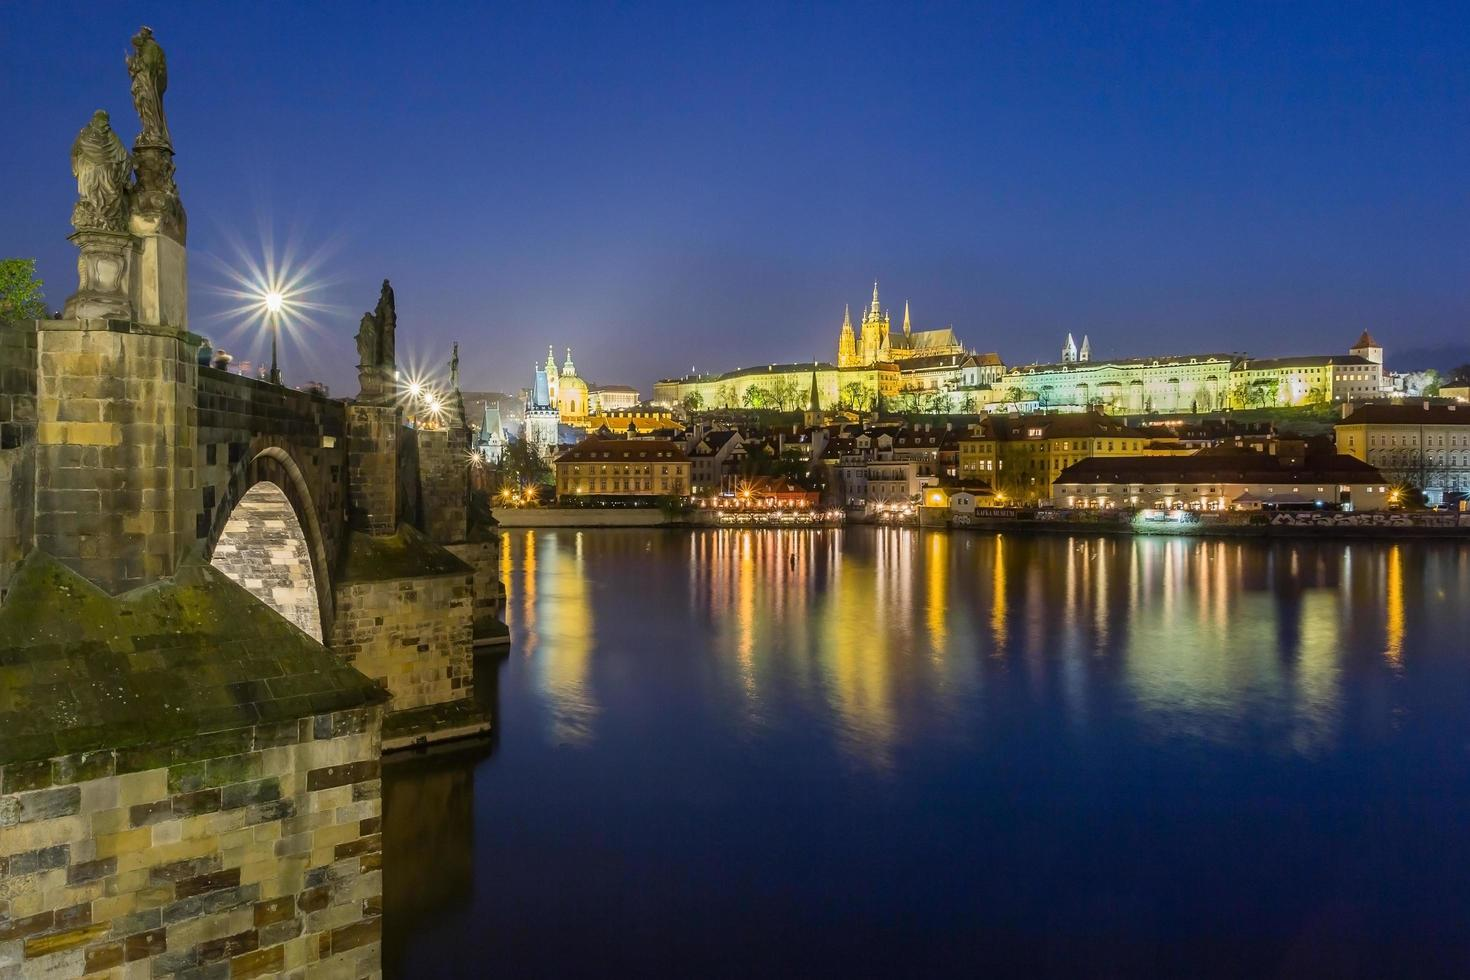 Nachtansicht der Prager Burg und der Charles Bridge über die Moldau in Prag. Tschechien. foto